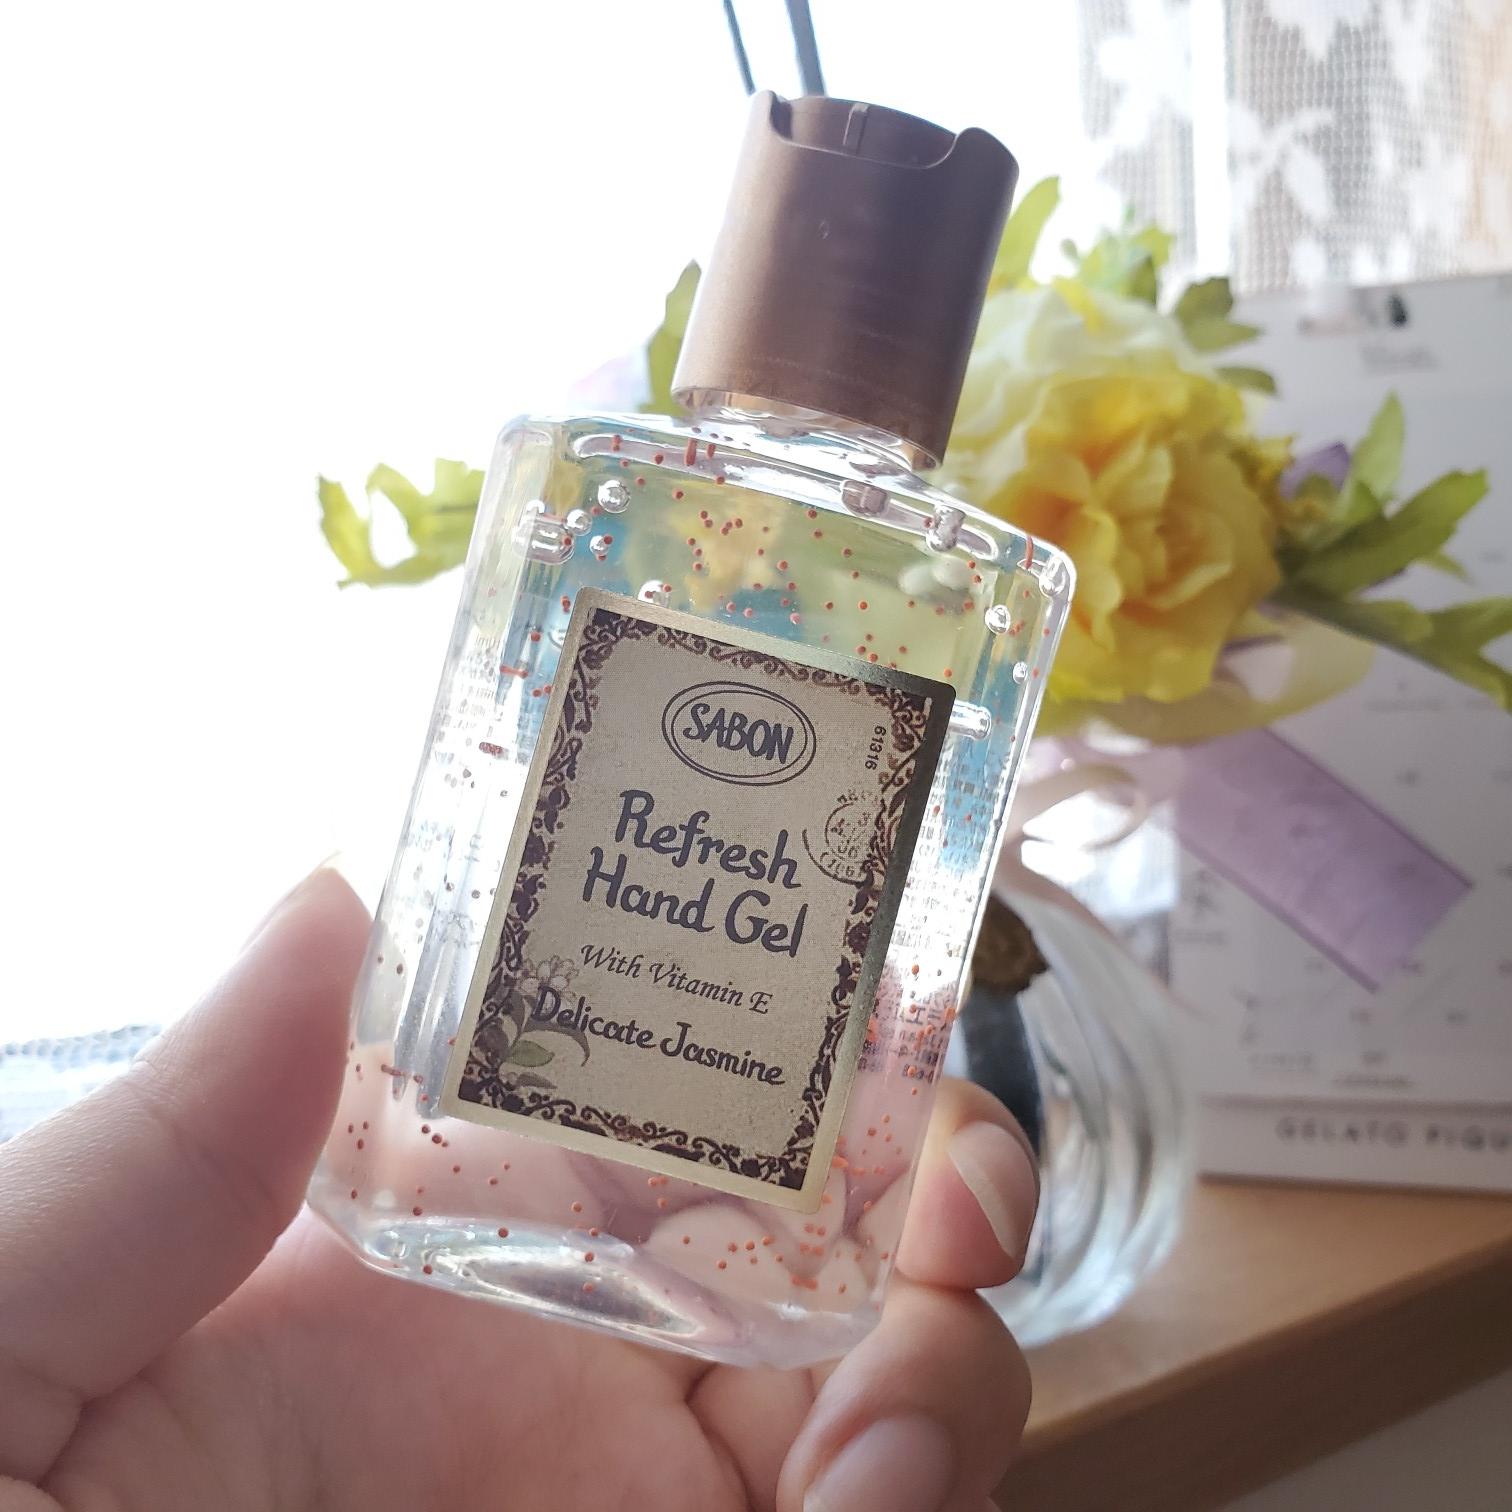 ハンドクリームの代わりに《ハンドジェル》消毒&香りに包まれる【SABON】_1